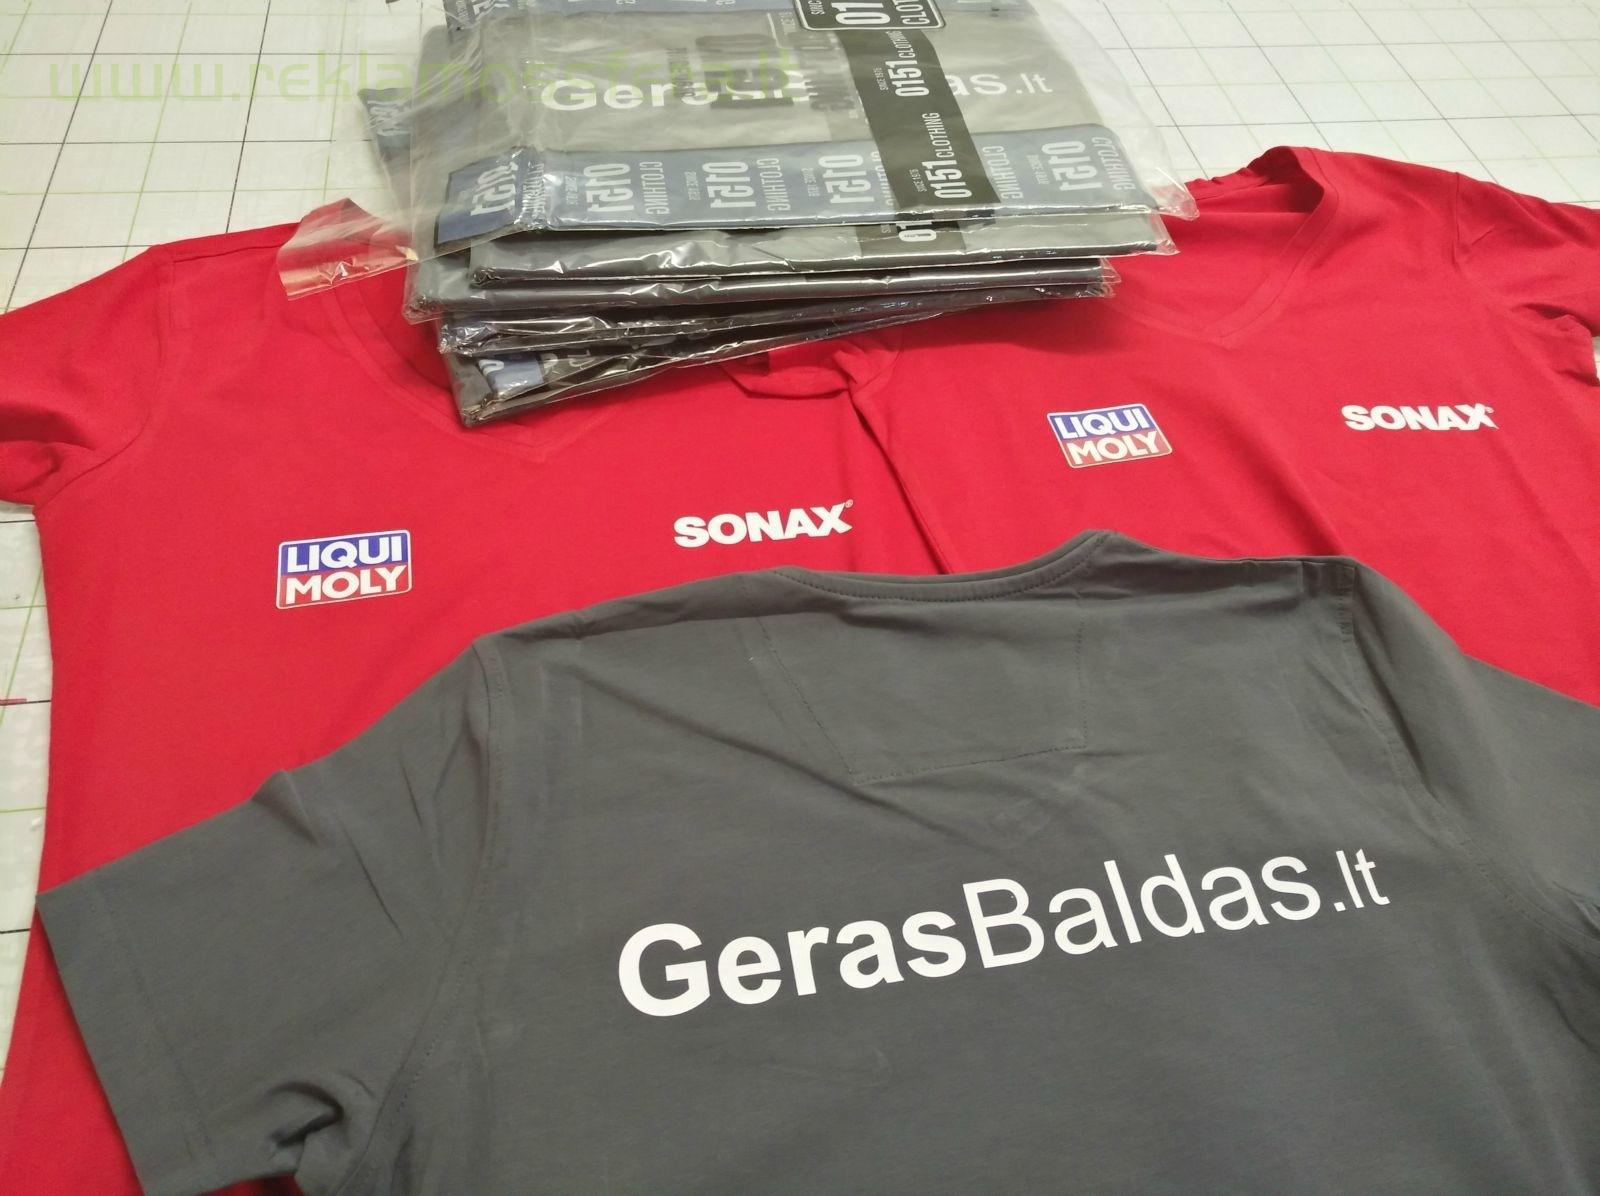 Įmonių logotipai ant marškinėlių